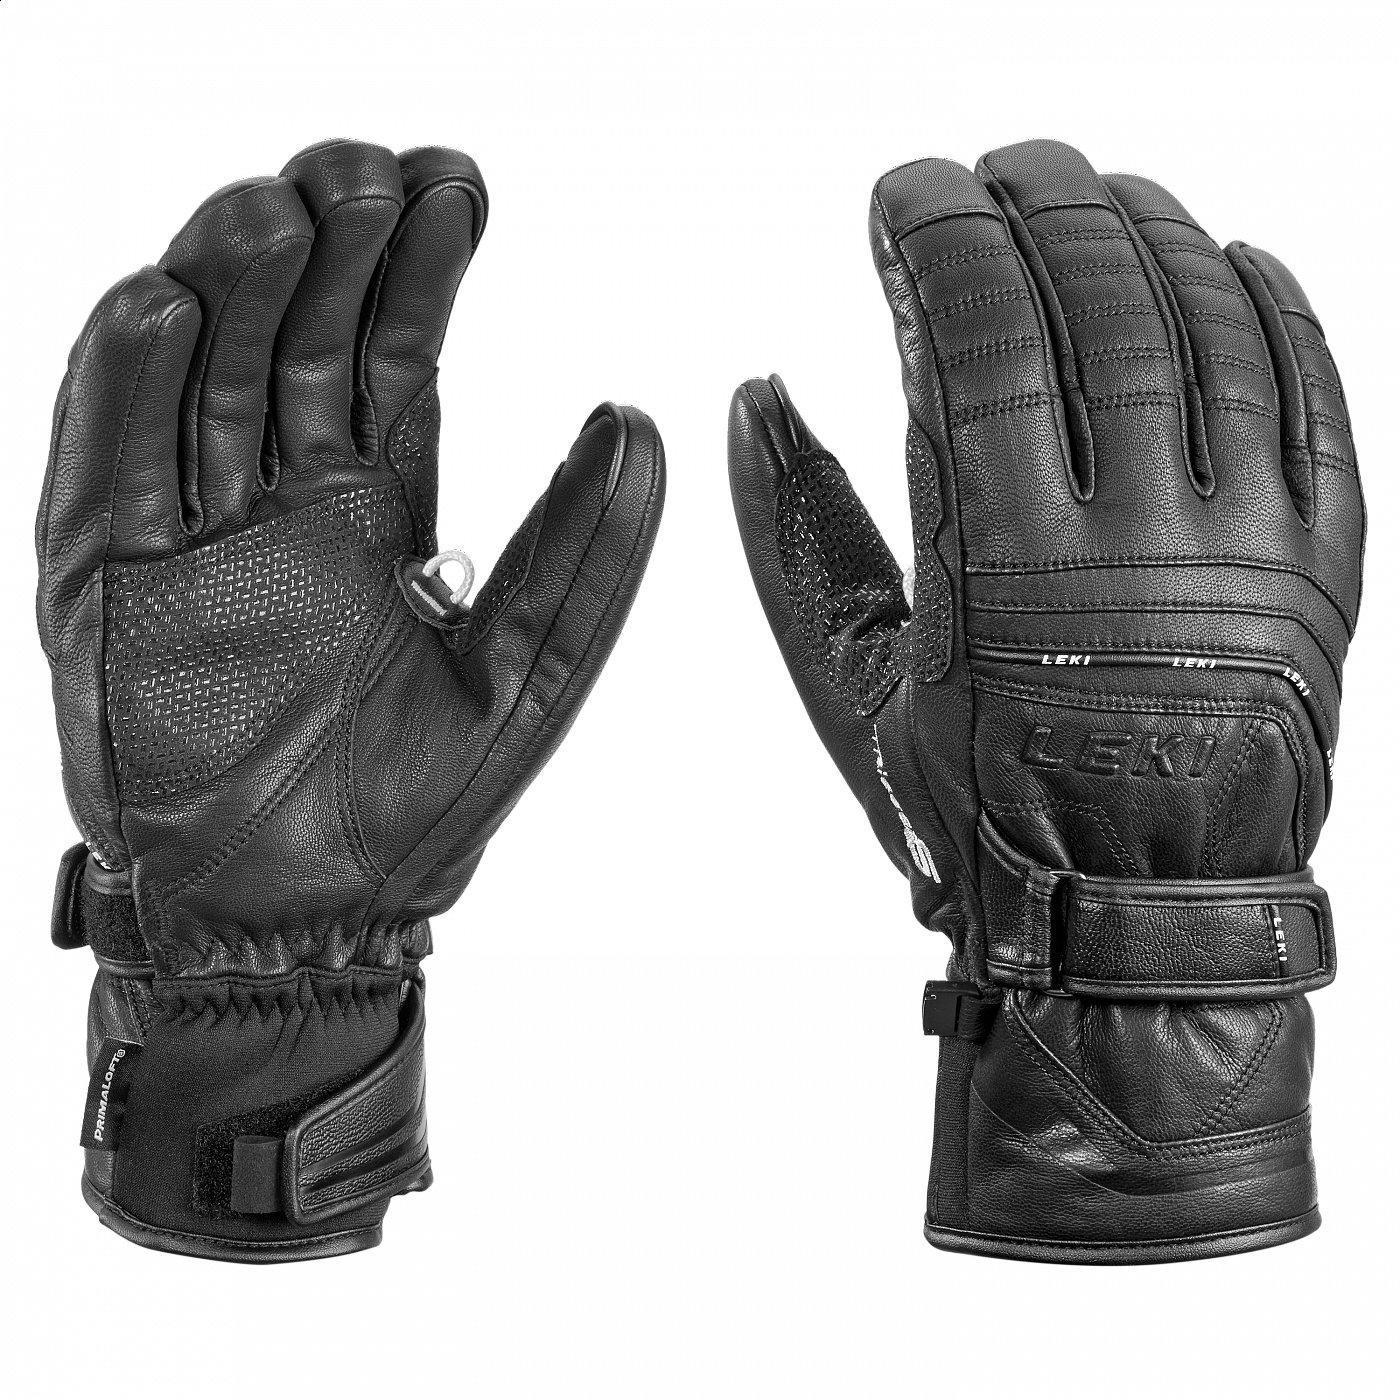 LEKI Handschuhe Aspen S MF Touch